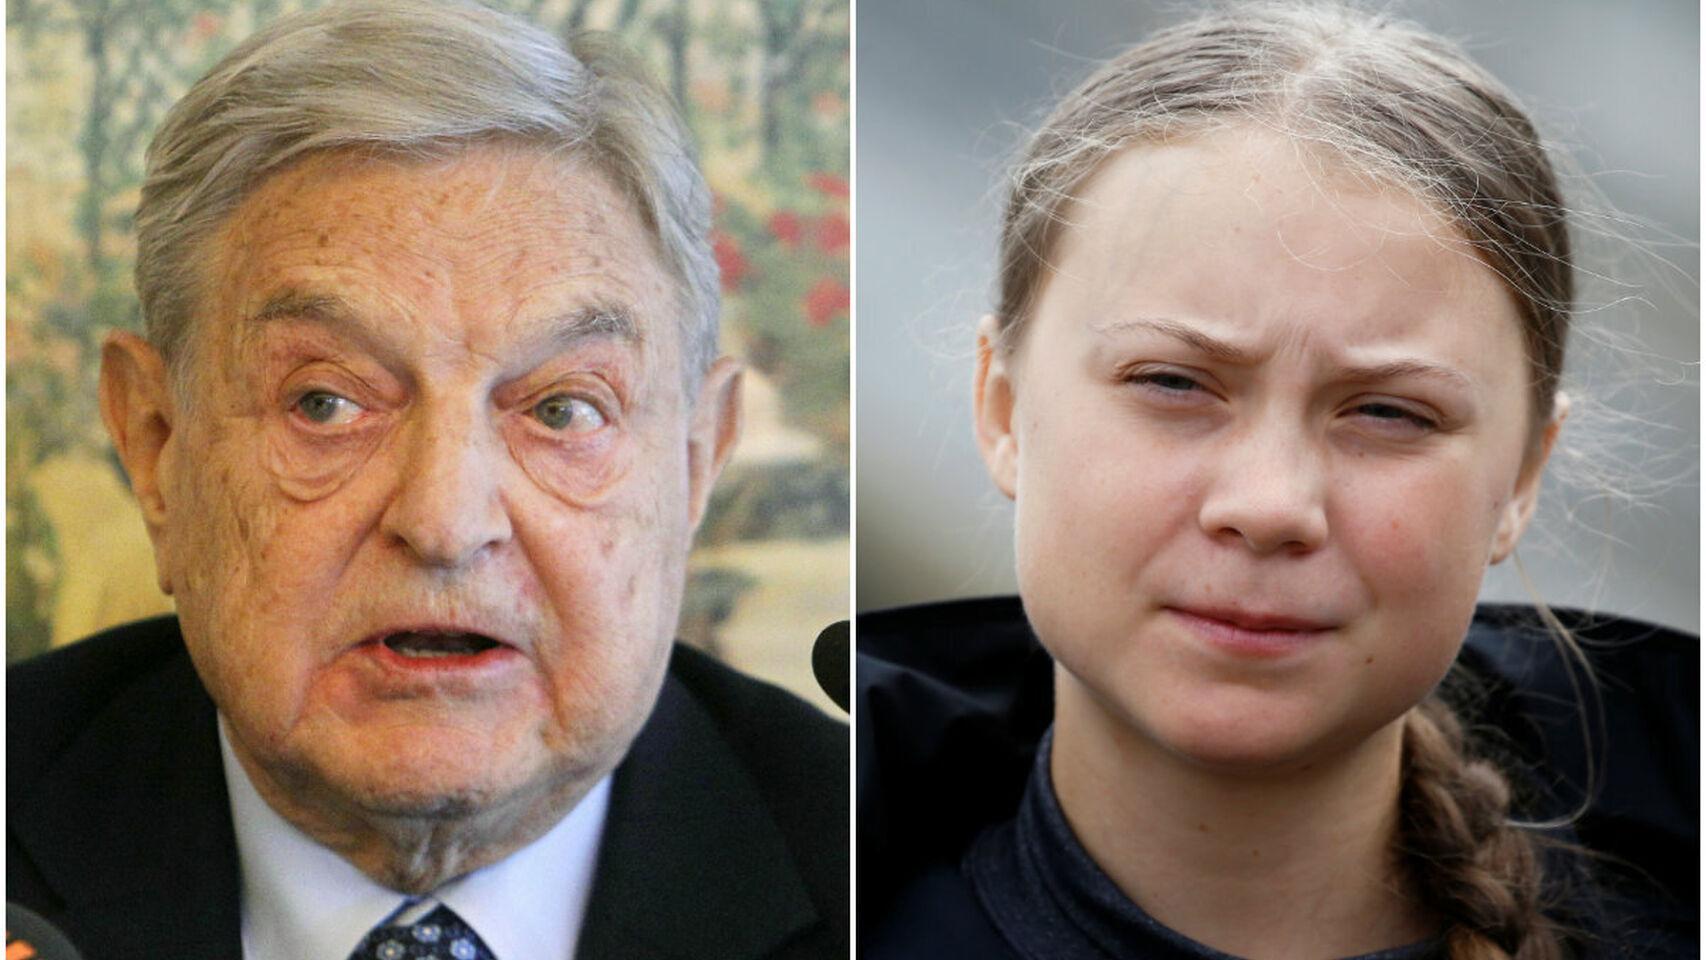 Así es la relación entre la activista Greta Thunberg y el millonario George Soros que cabrea a internet